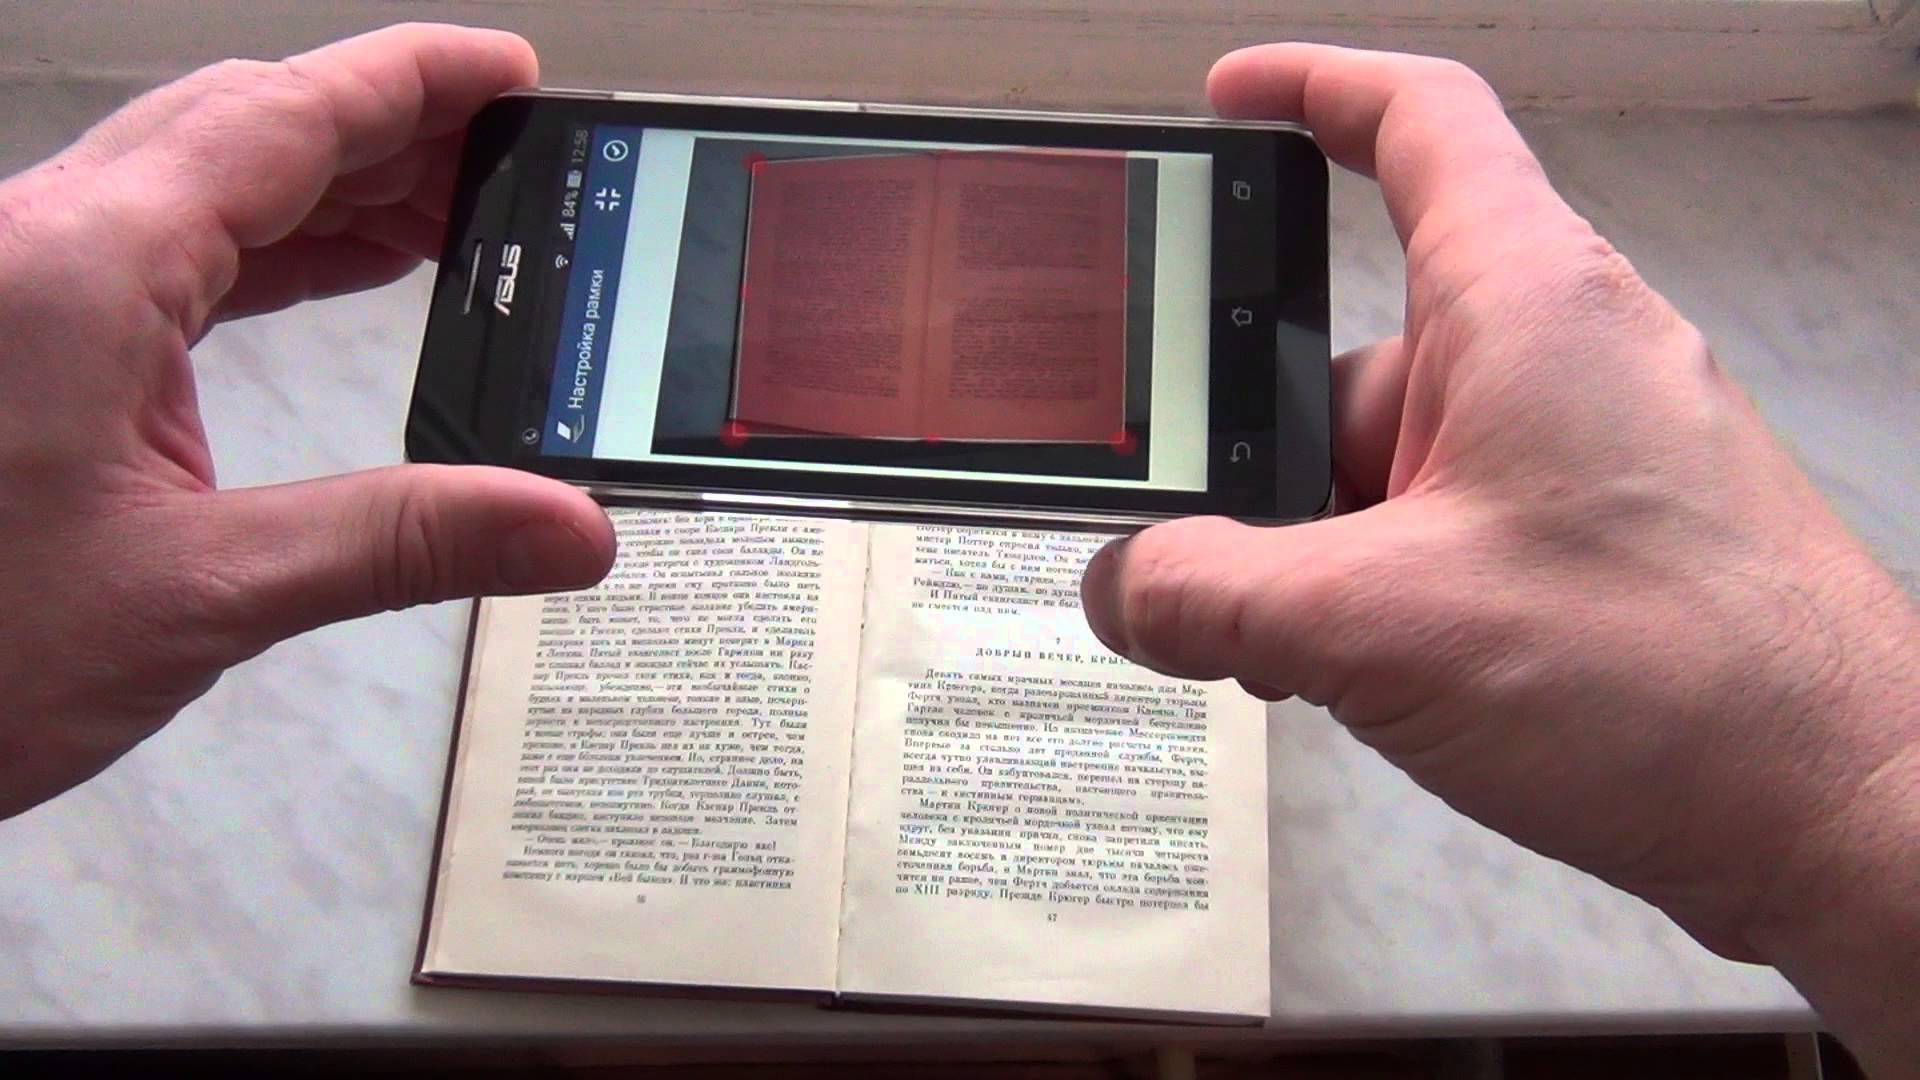 Сочность и яркость_смартфоны с лучшими экранами - чтение на смартфоне